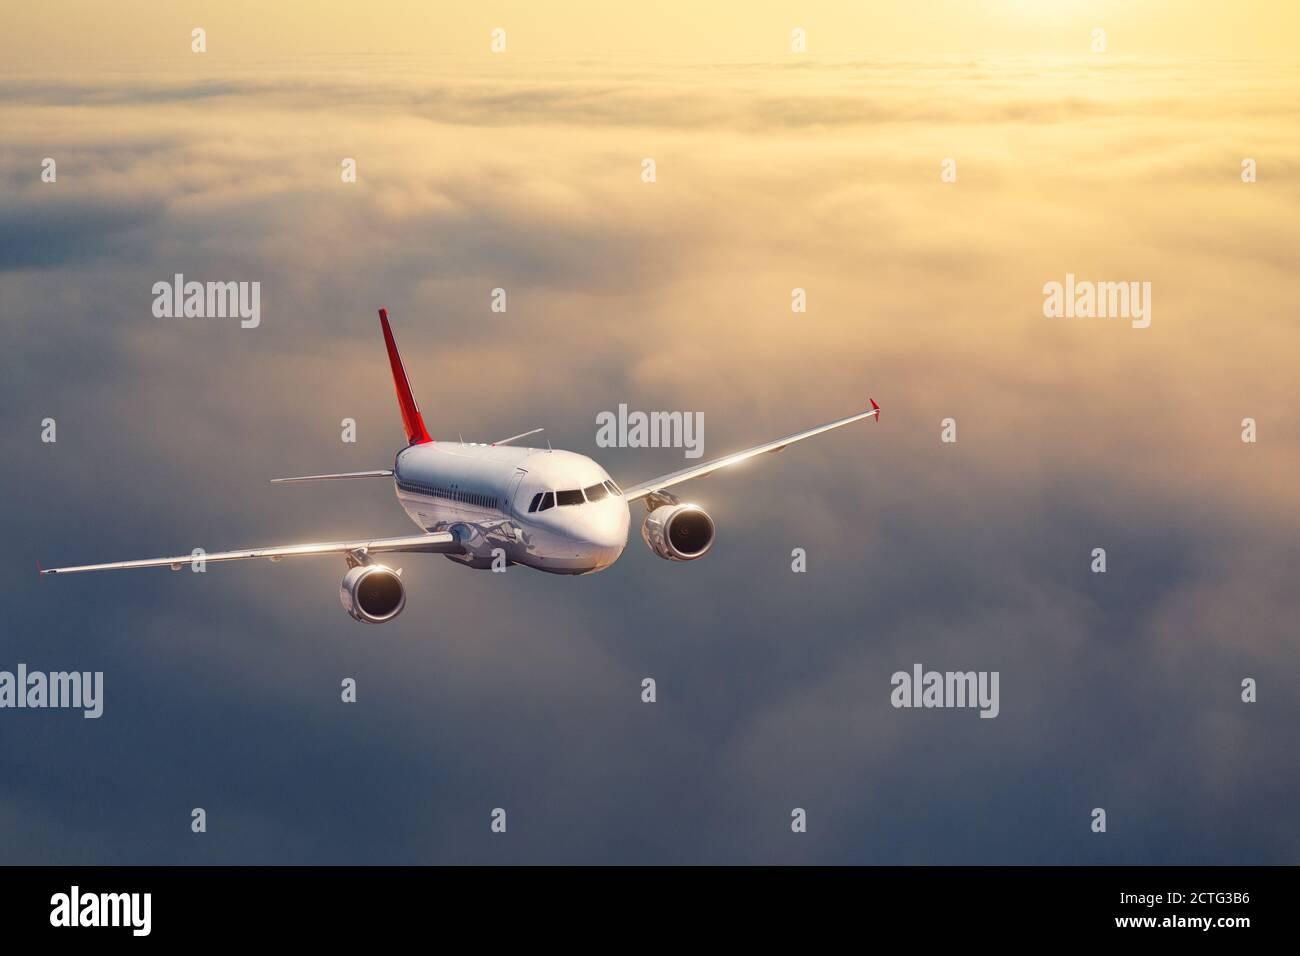 Das Flugzeug fliegt im Sommer bei Sonnenuntergang über den Wolken Stockfoto